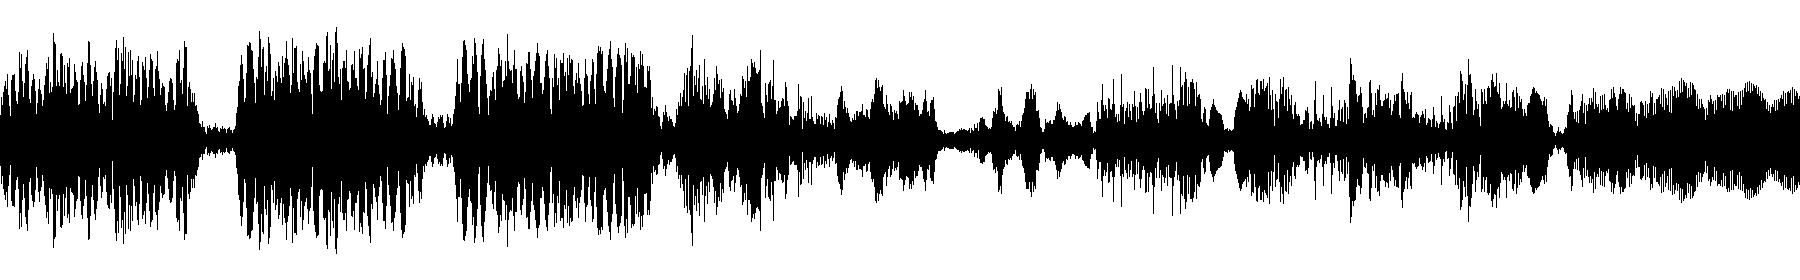 loop28125bpm